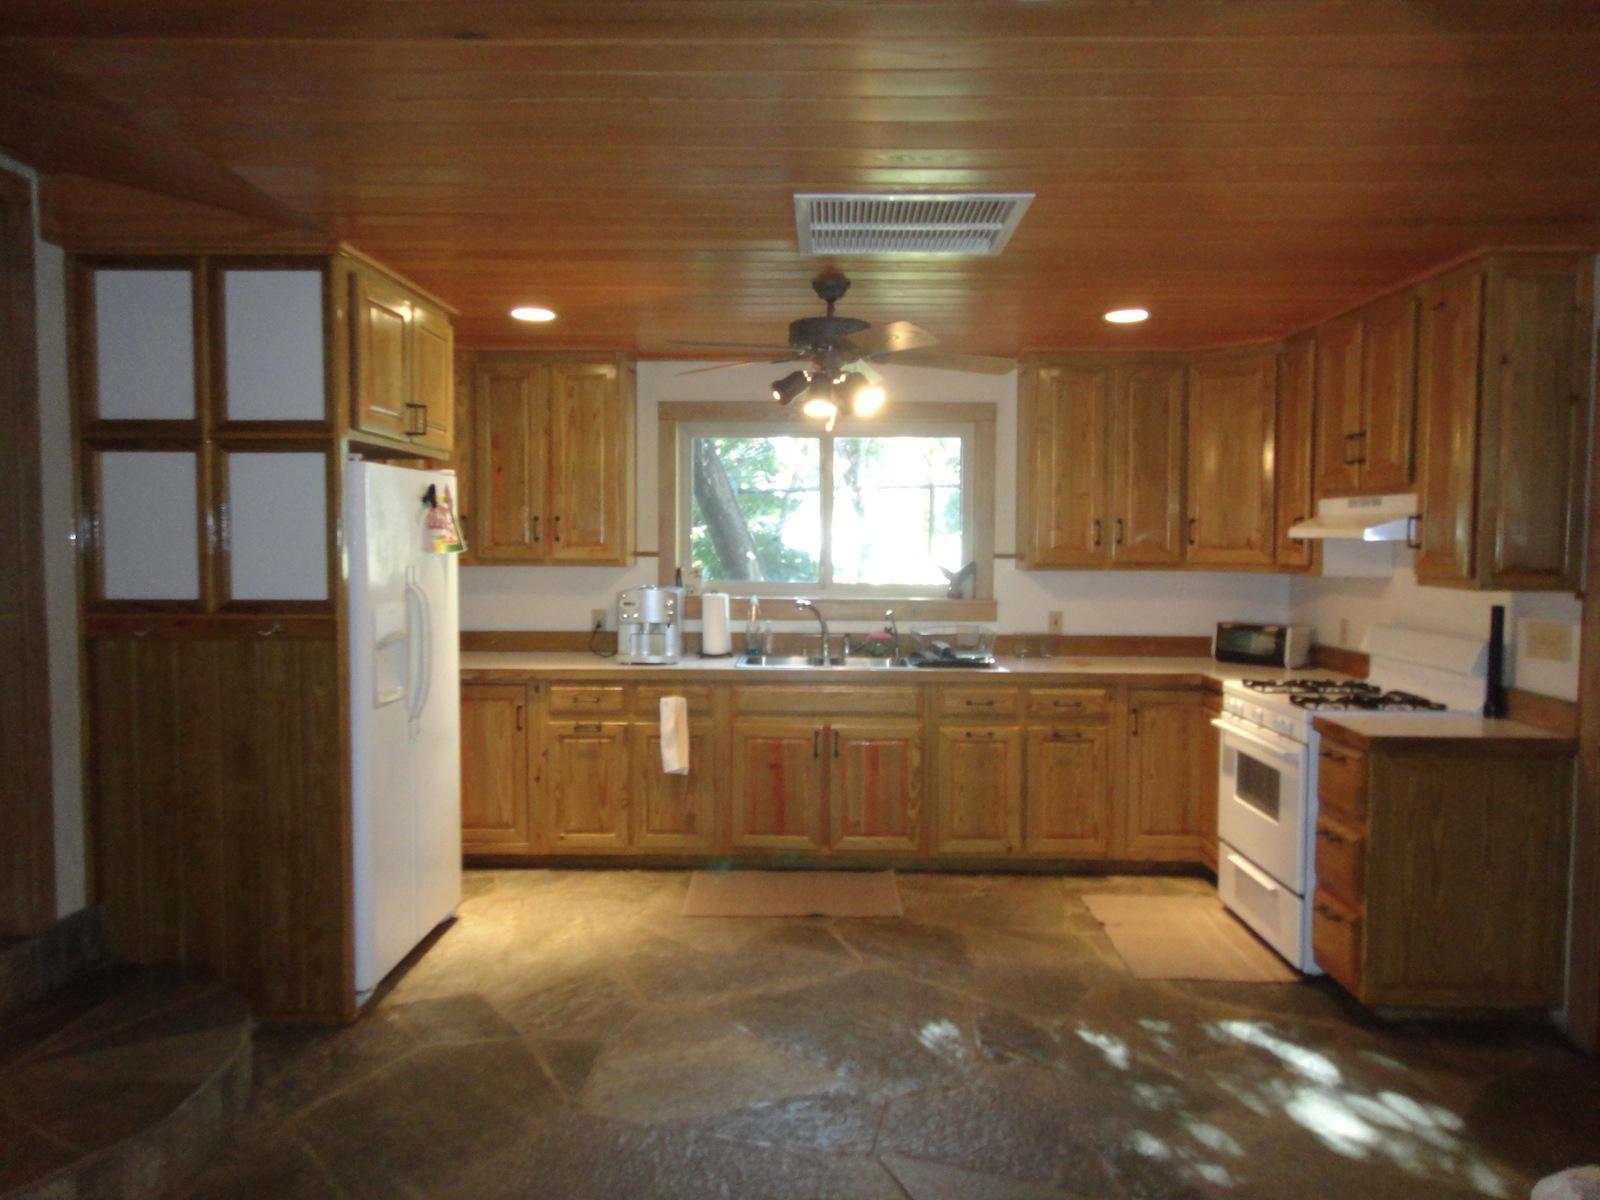 Additional photo for property listing at 17 Frydendal EE 17 Frydendal EE St Thomas, Virgin Islands 00802 United States Virgin Islands